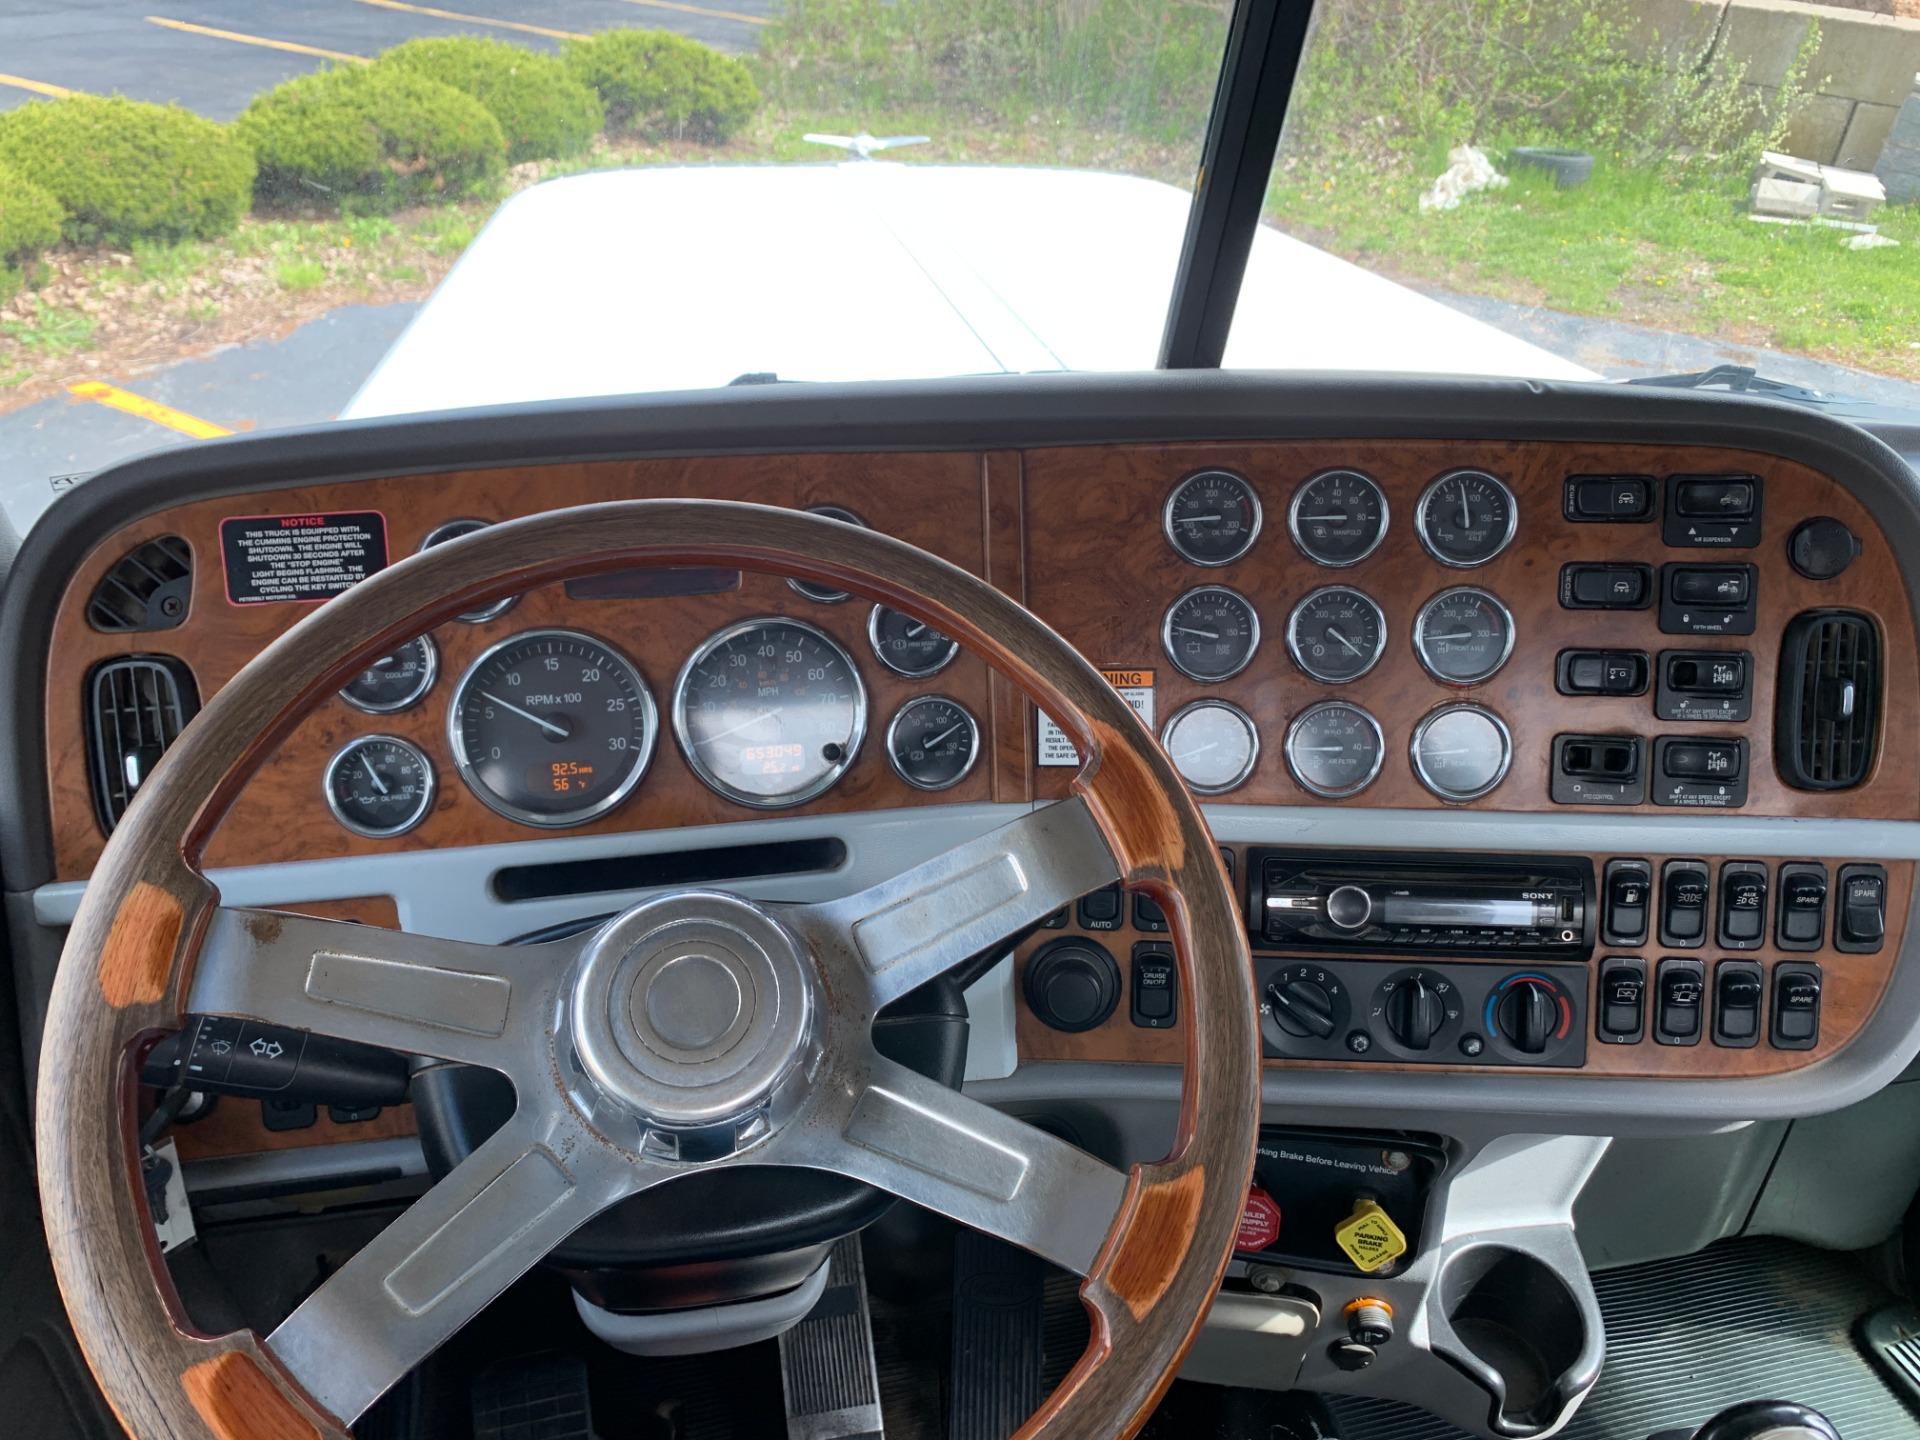 Used-2010-Peterbilt-388-Tri-Axle-Day-Cab---Cummins-ISX-550-hp